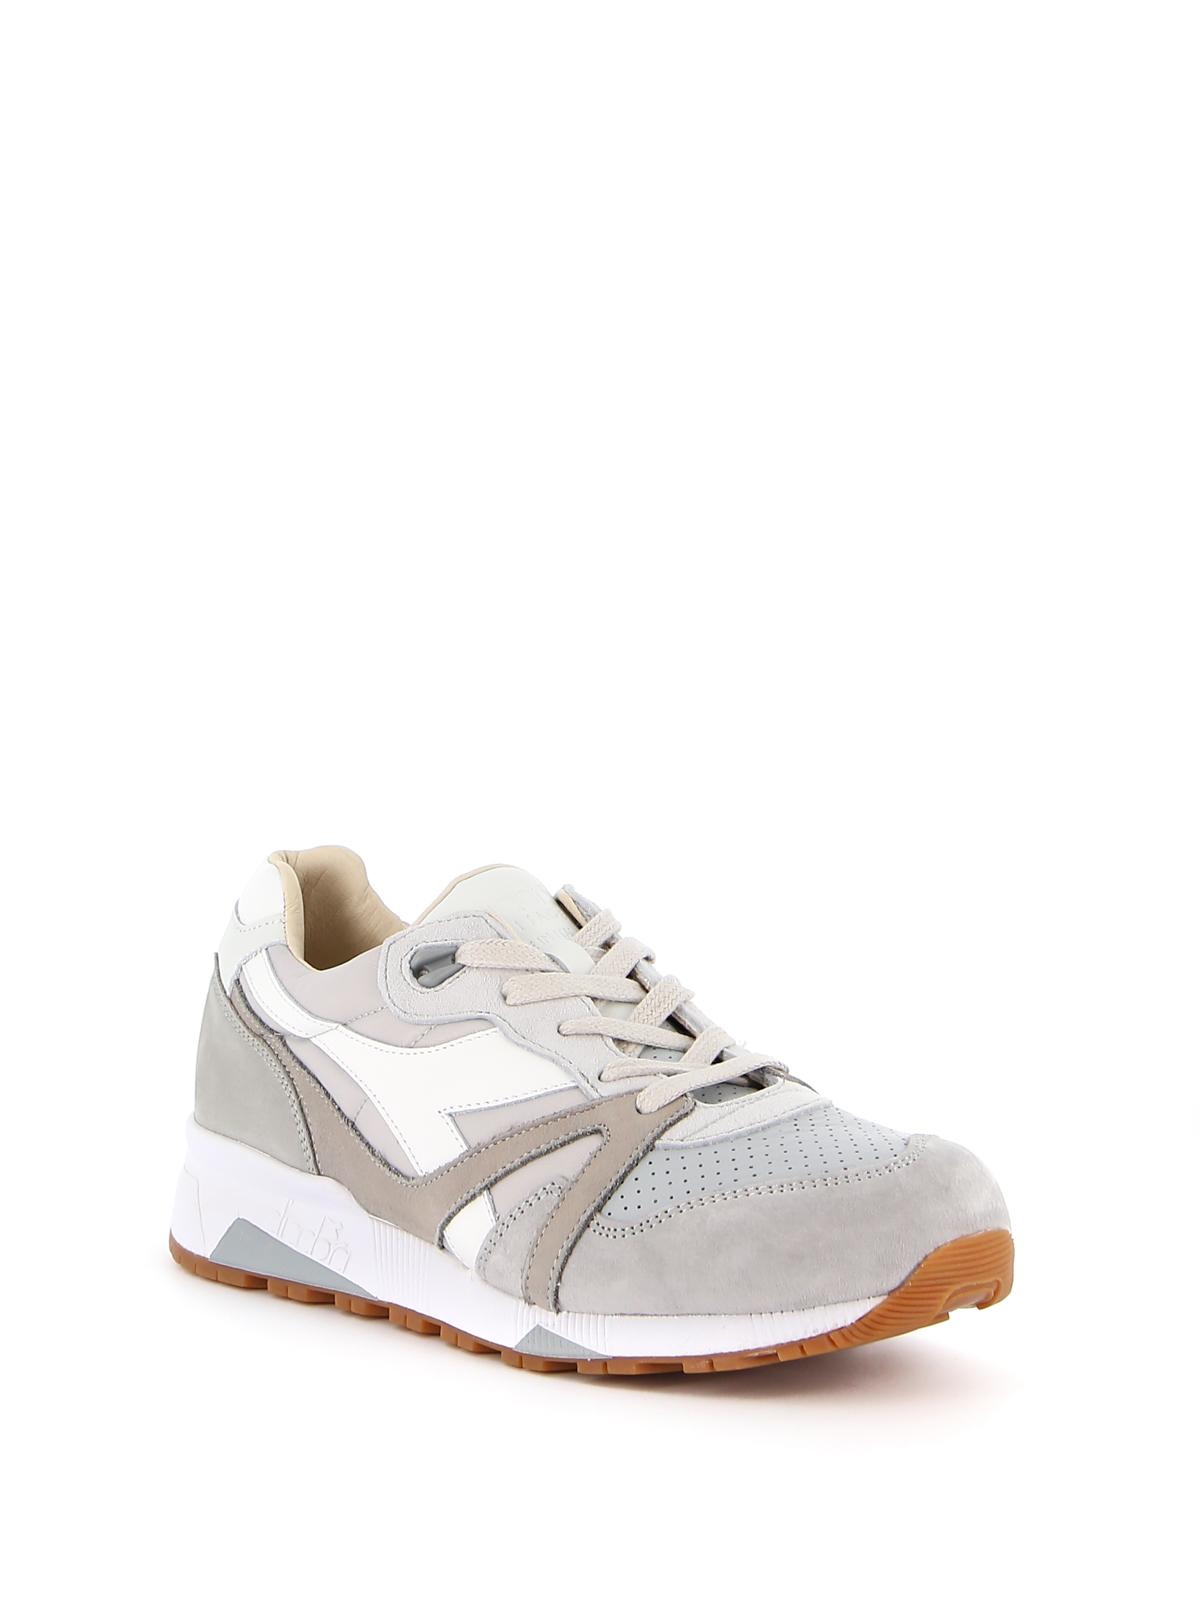 Diadora Heritage - N9000 H ITA sneakers